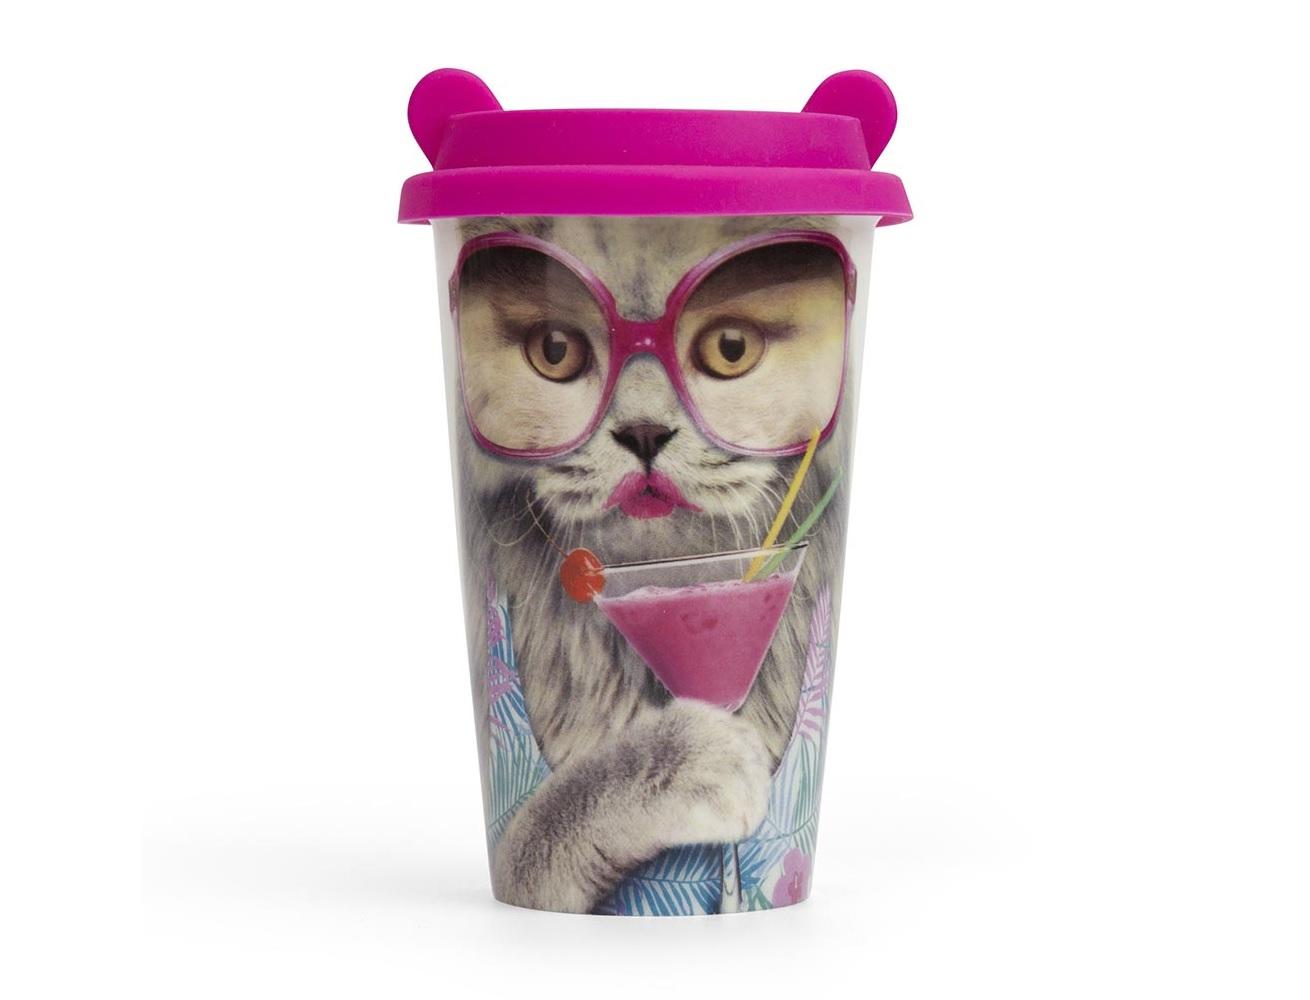 Стакан для кофе catЧайные пары, чашки и кружки<br>Любите кофе и выглядеть стильно? Этот стакан отразит обе ваши привязанности! Двойные стенки сохранят кофе горячим, крышка с ушами привлечёт внимание, а стильный дизайн отлично впишется в вашу жизнь. Стакан сделан из керамики и приятен в использовании. Больше кофе и больше хорошего настроения!<br><br>Material: Керамика<br>Height см: 16<br>Diameter см: 10